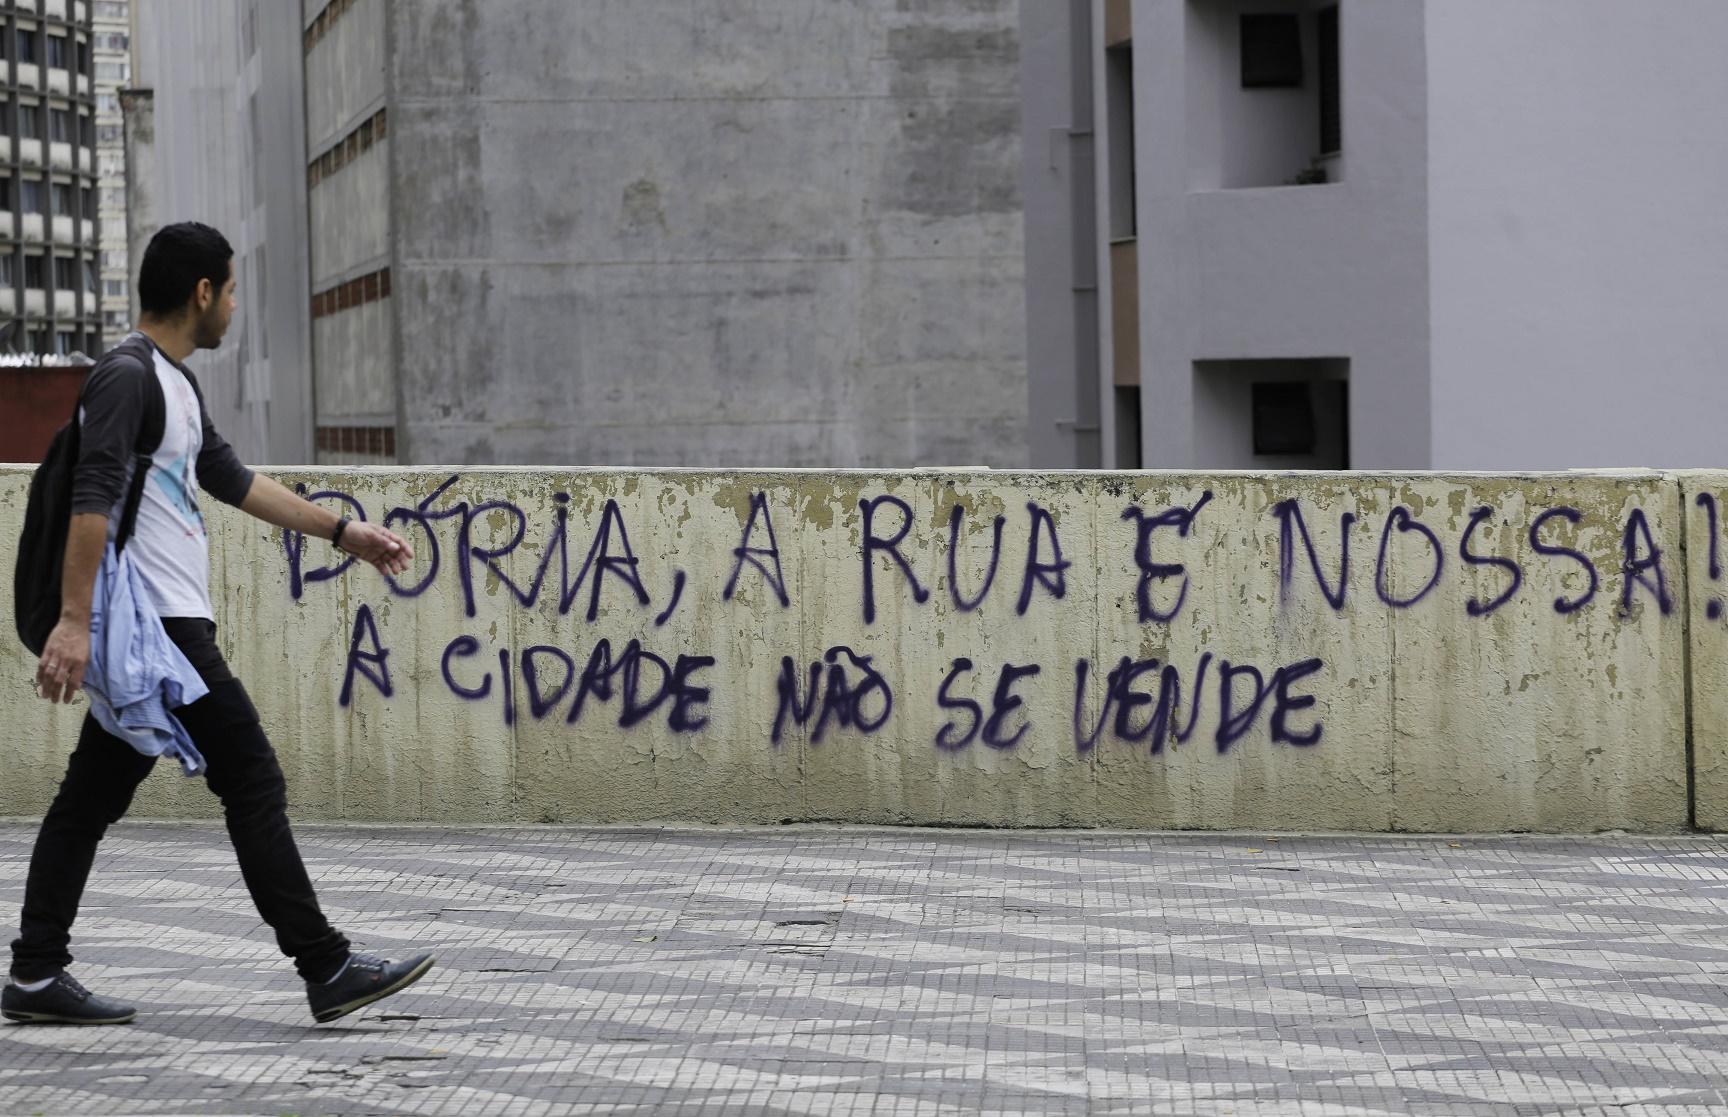 Pichação contra os projetos de privatizacao do prefeito Joao Doria. Foto de Nelson Antoine/AGIF